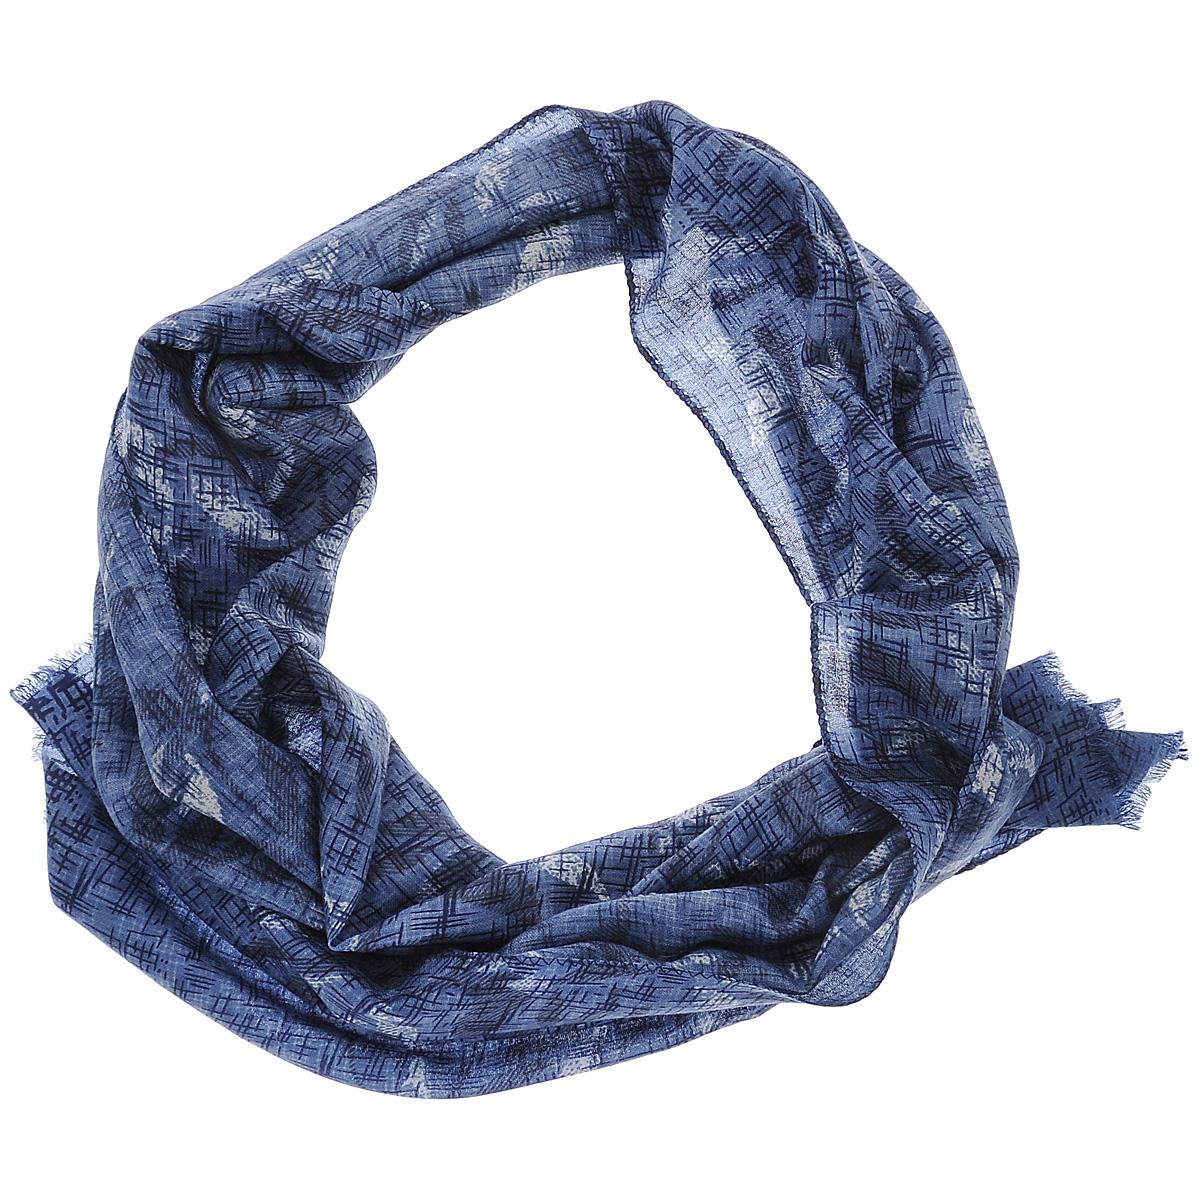 Шарф женский. 35010-1135010-11GЭлегантный женский шарф Moltini подчеркнет ваш неповторимый образ. Он выполнен из мягкой натуральной шерсти и оформлен оригинальным цветочным принтом. Края шарфа декорированы тонкой бахромой. Этот модный аксессуар женского гардероба гармонично дополнит образ современной женщины, следящей за своим имиджем и стремящейся всегда оставаться стильной и женственной.